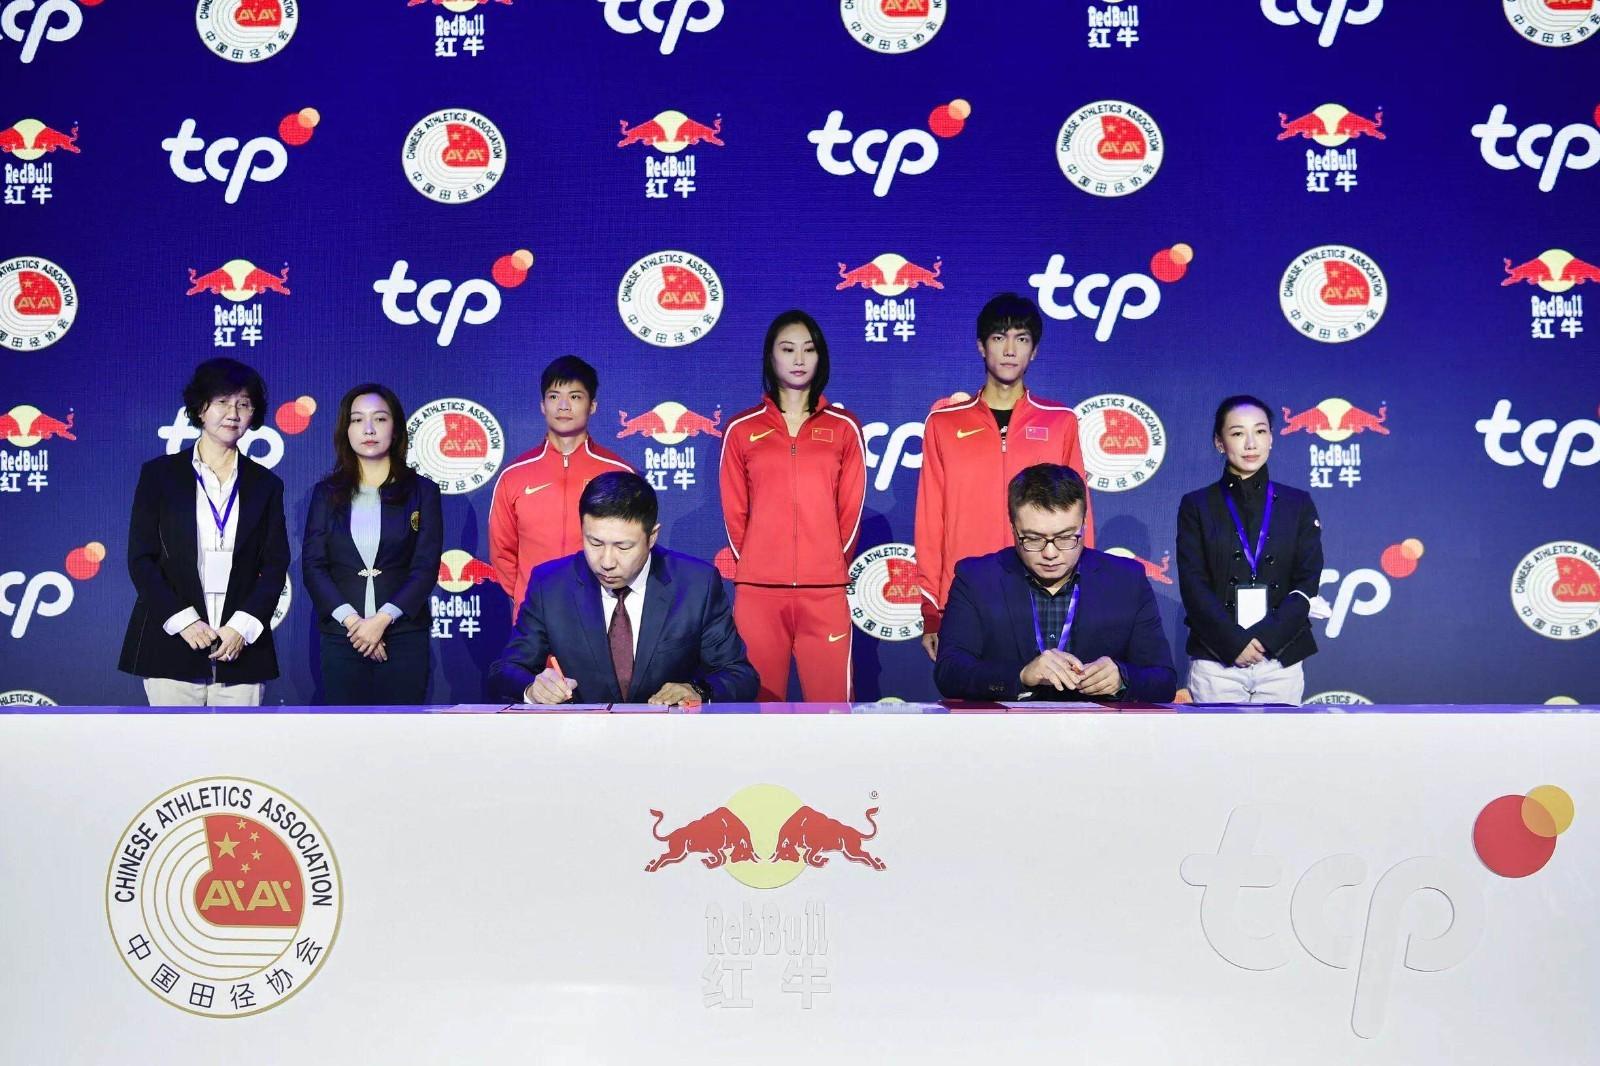 红牛成为中国田径协会官方合作伙伴